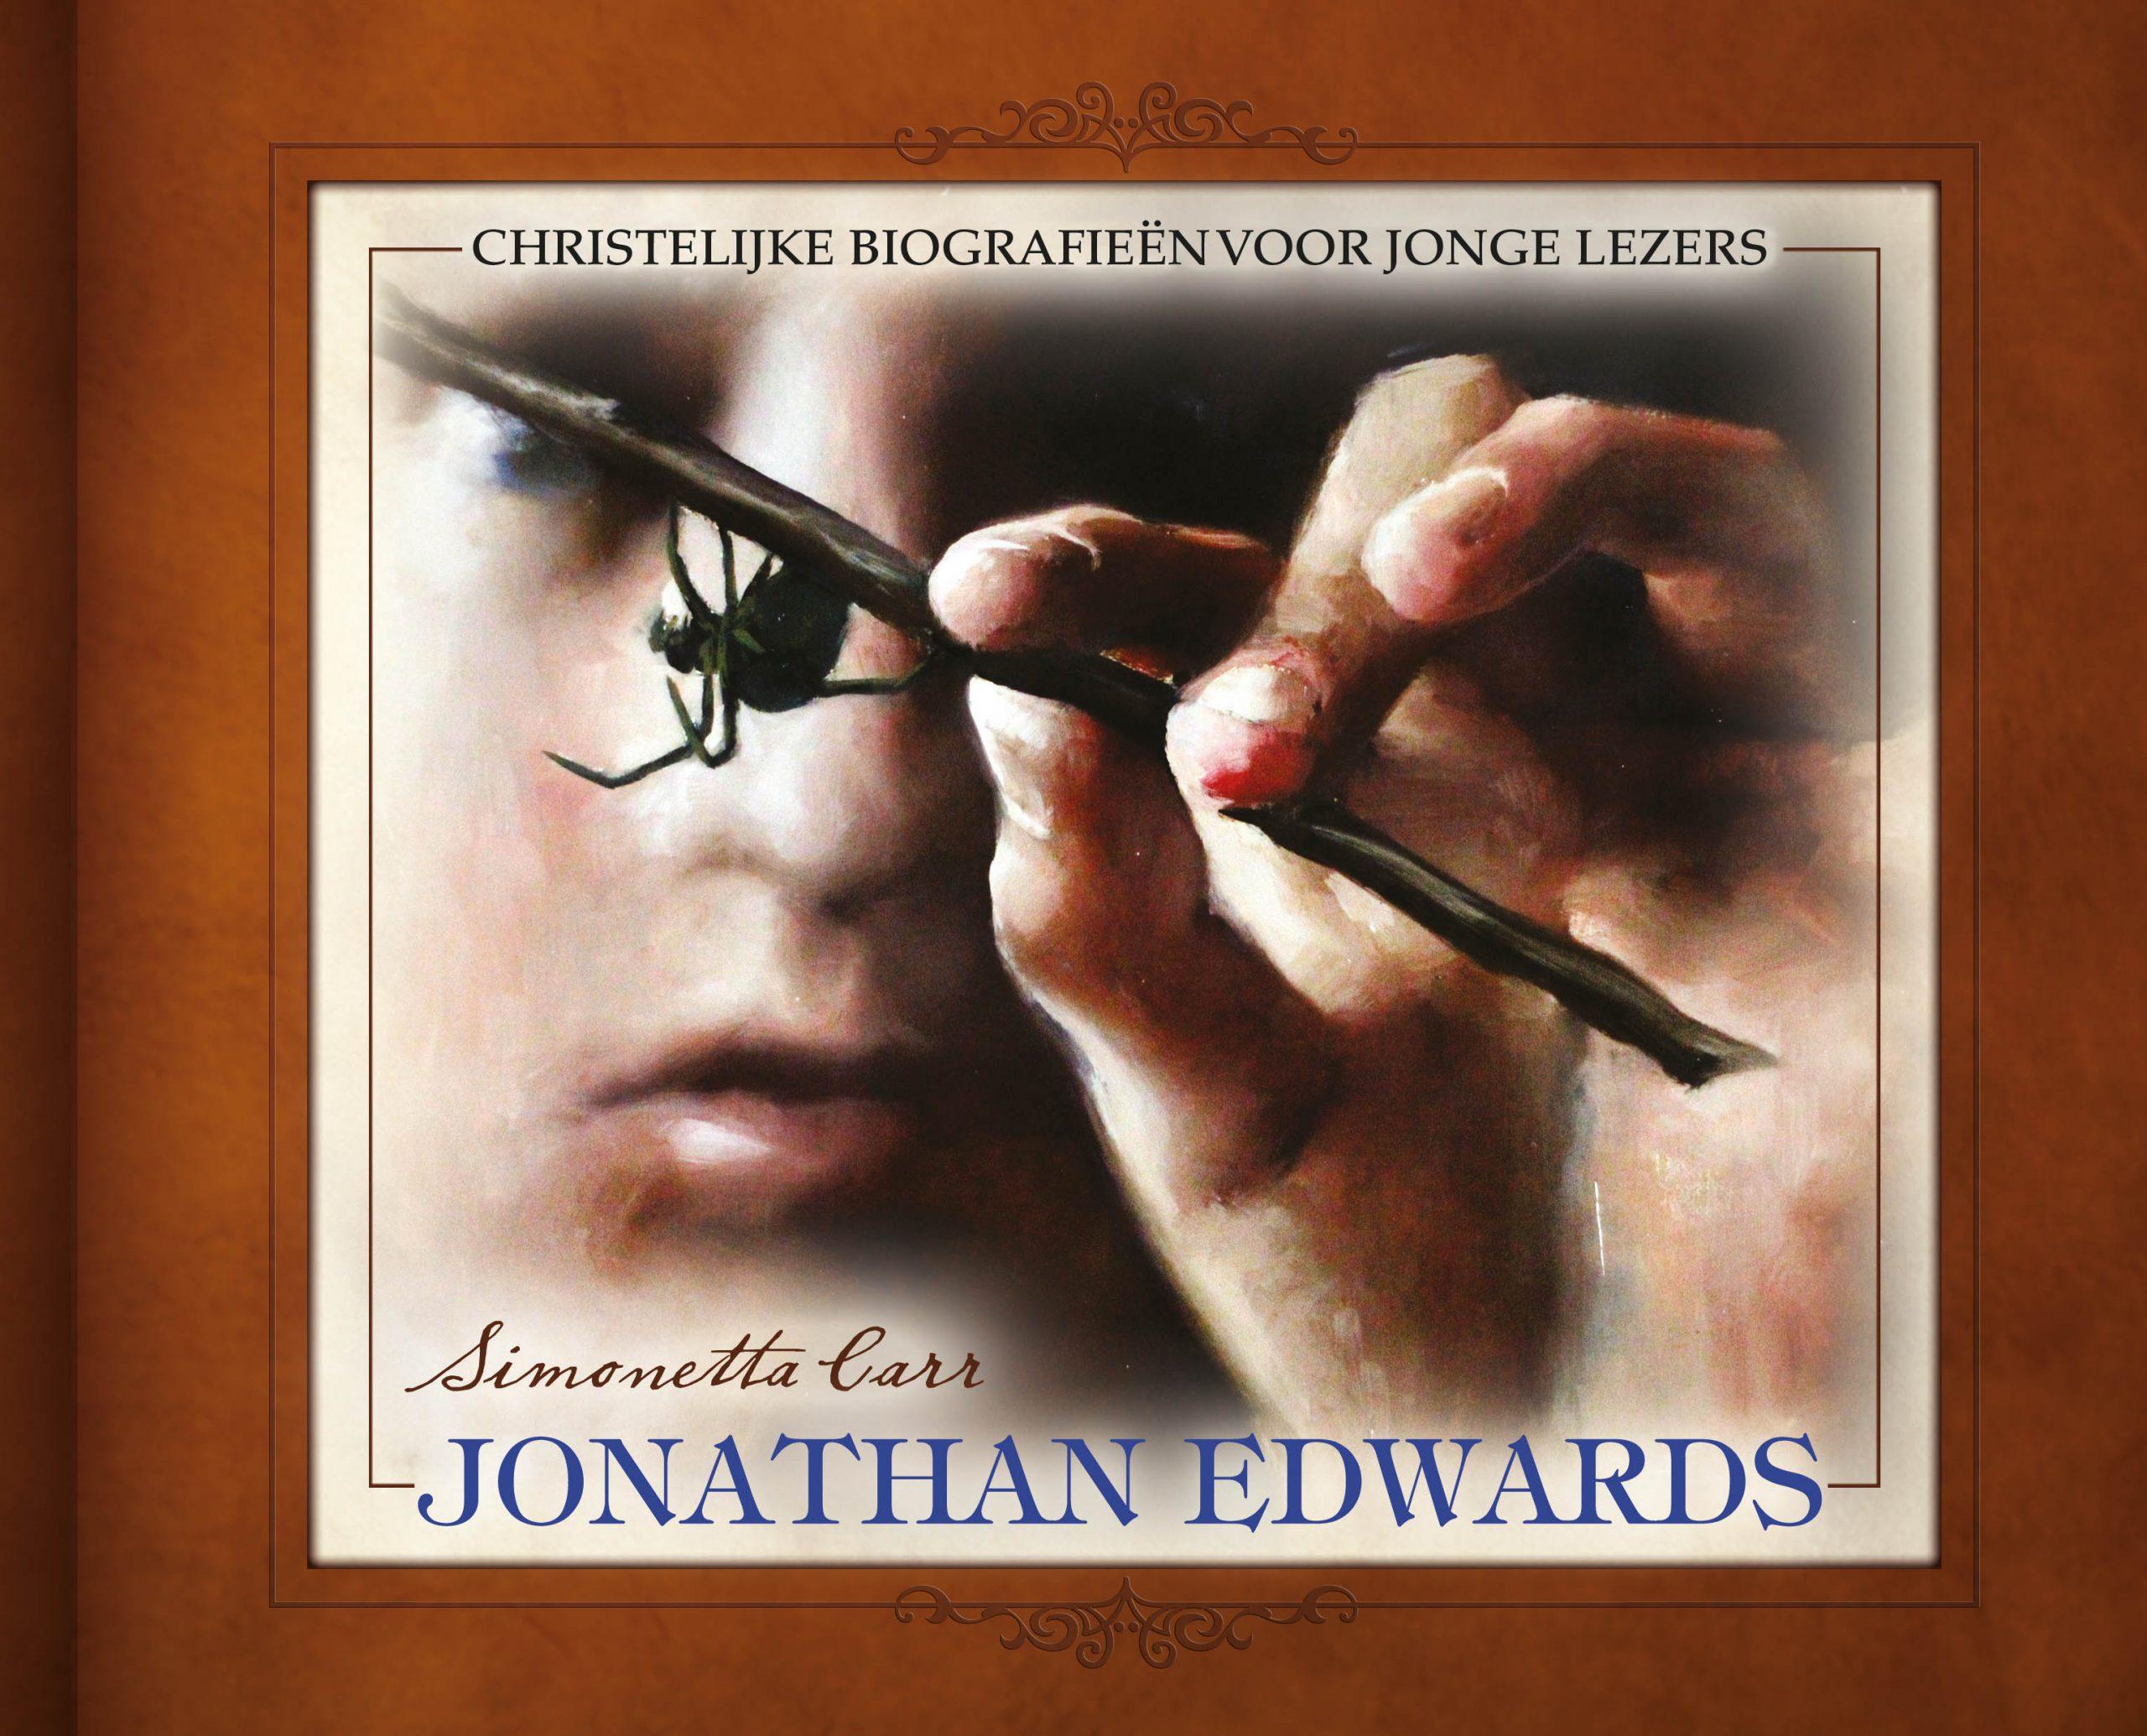 Johathan Edwards